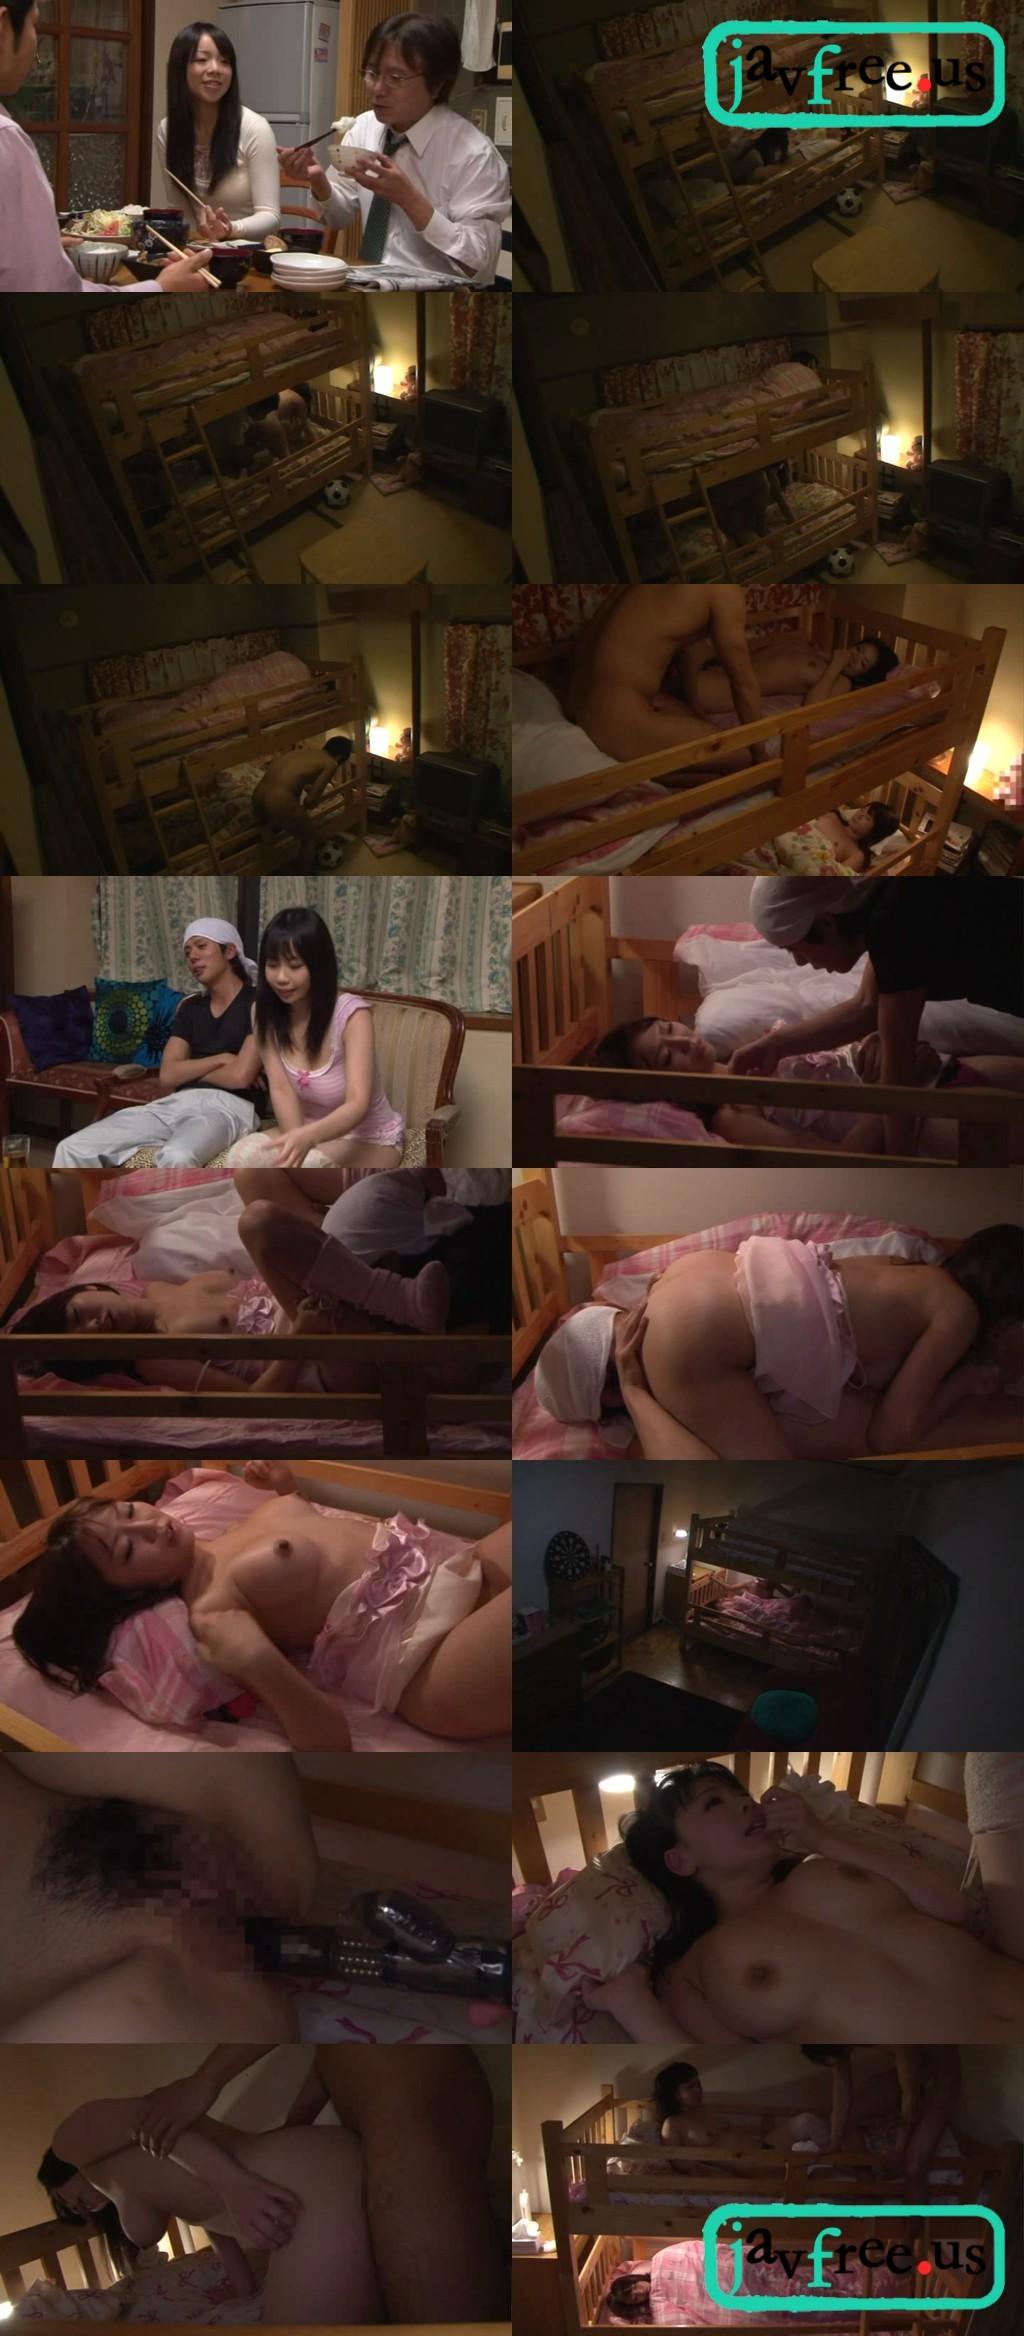 [RDD 099] 美人姉妹の姉とエッチをしていたら近くで寝ていたはずの妹から湿った吐息が聞こえてきたので姉のあとに… 2 RDD